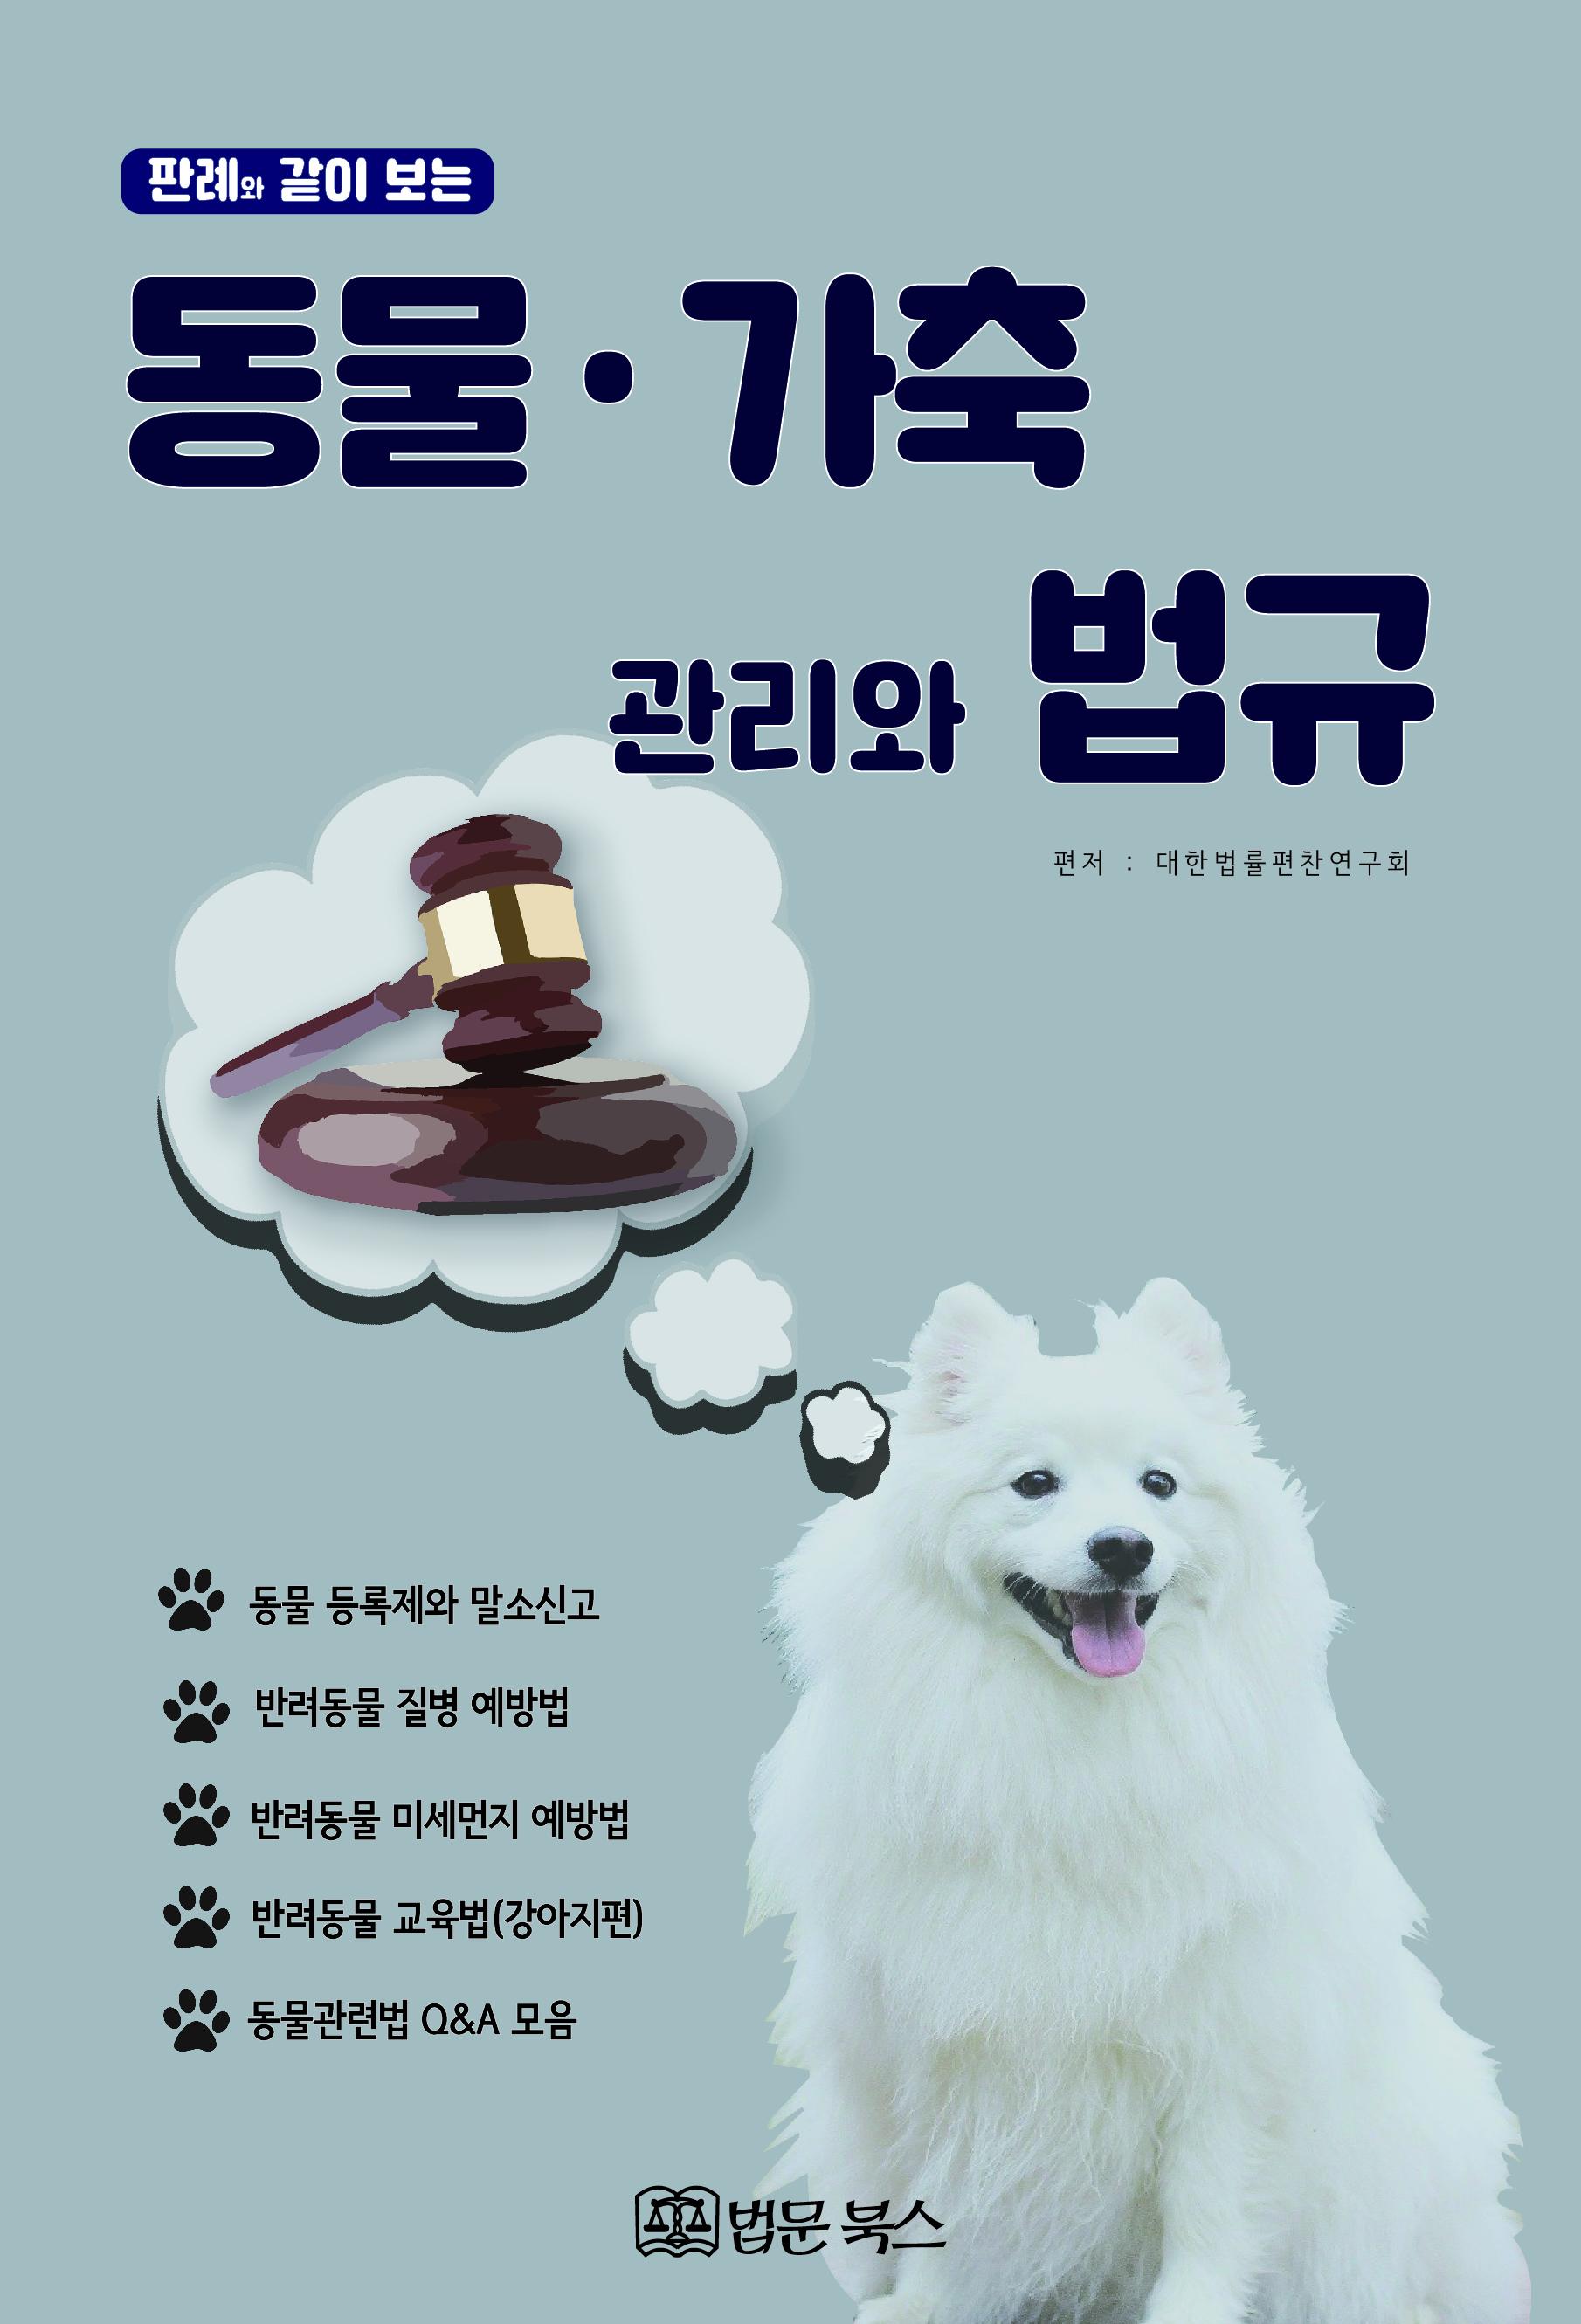 동물·가축 관리와 법규